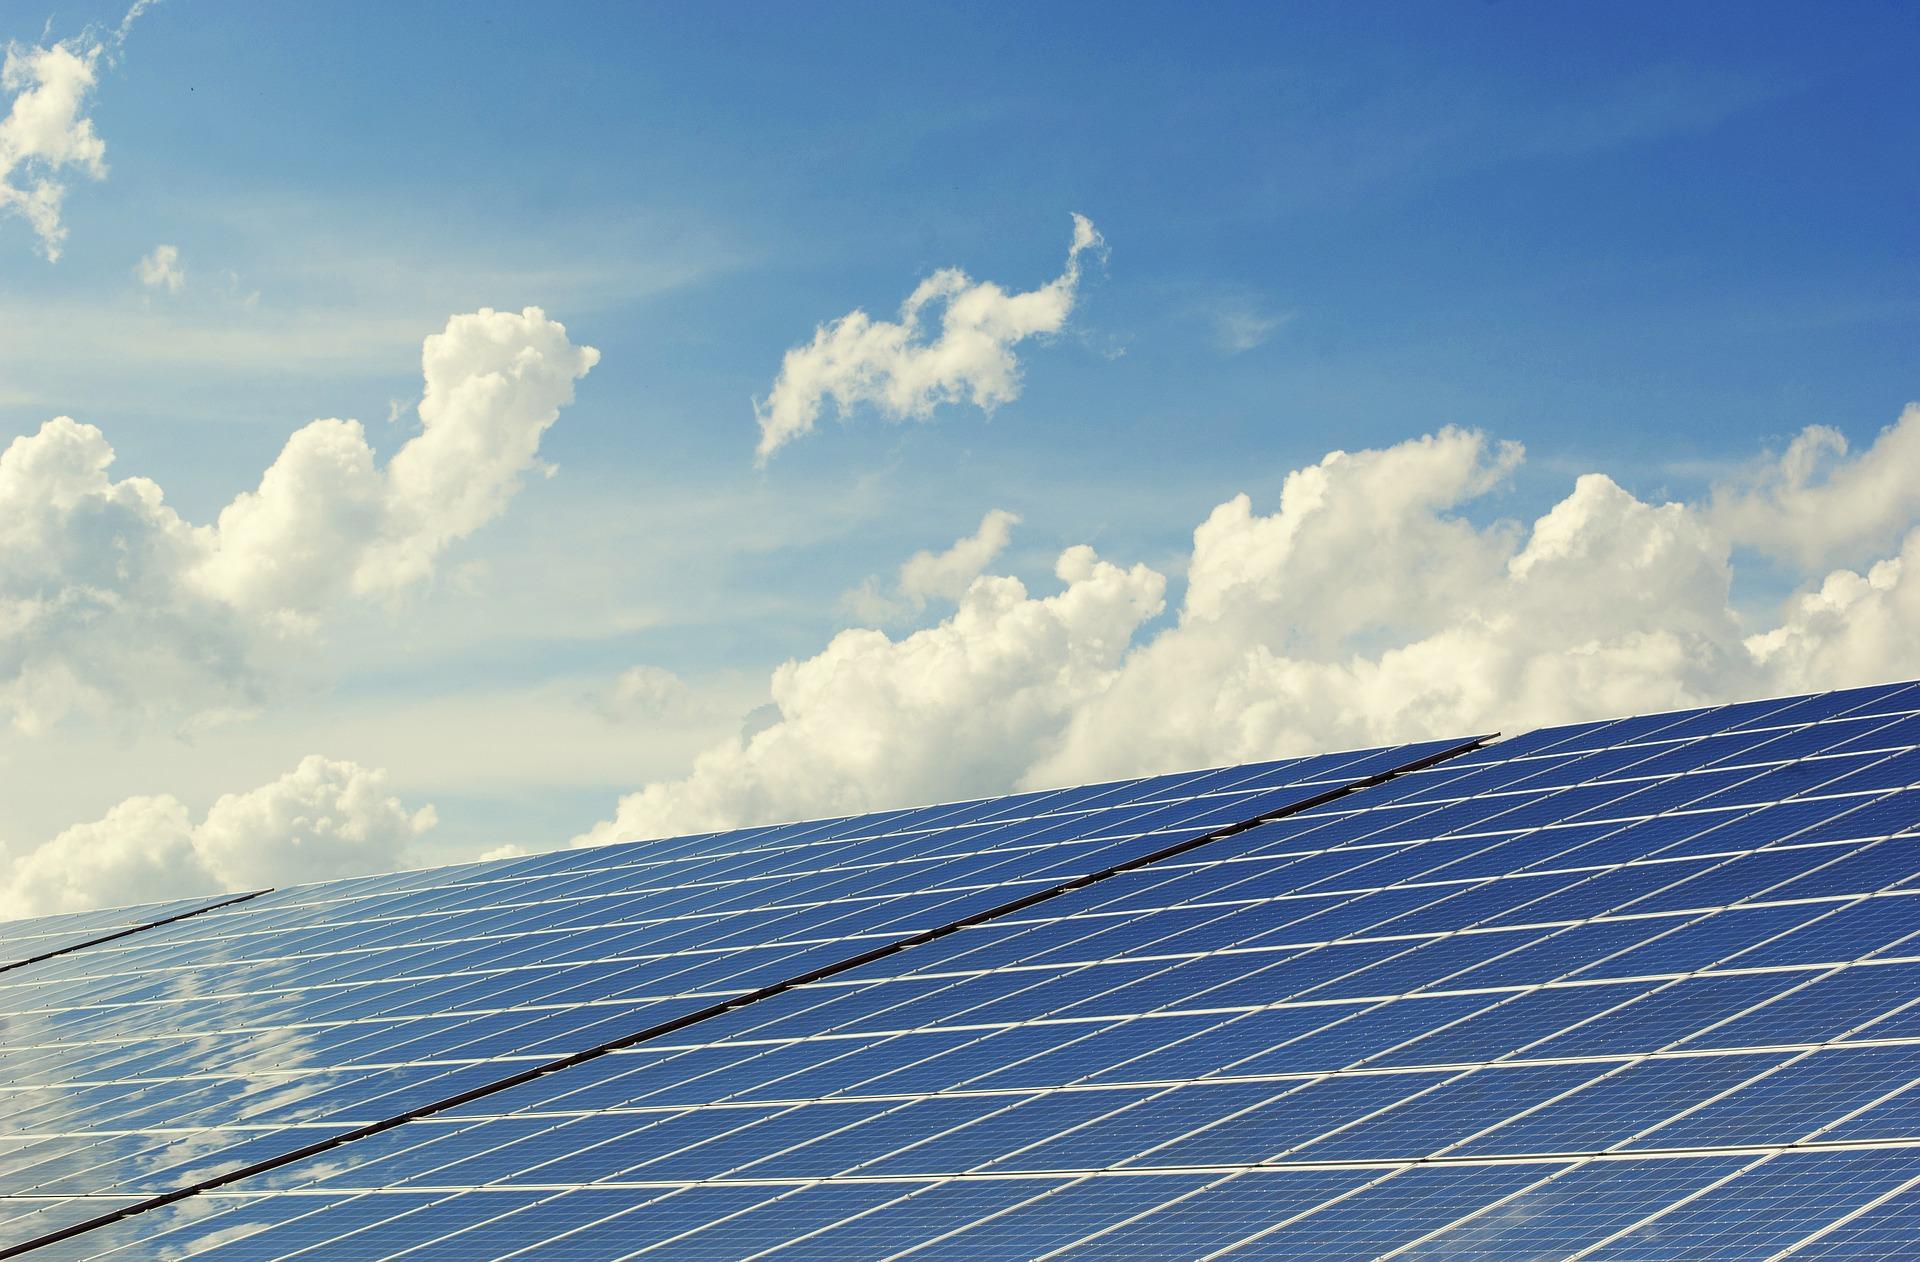 solar-photovoltaic-2138992_1920.jpg